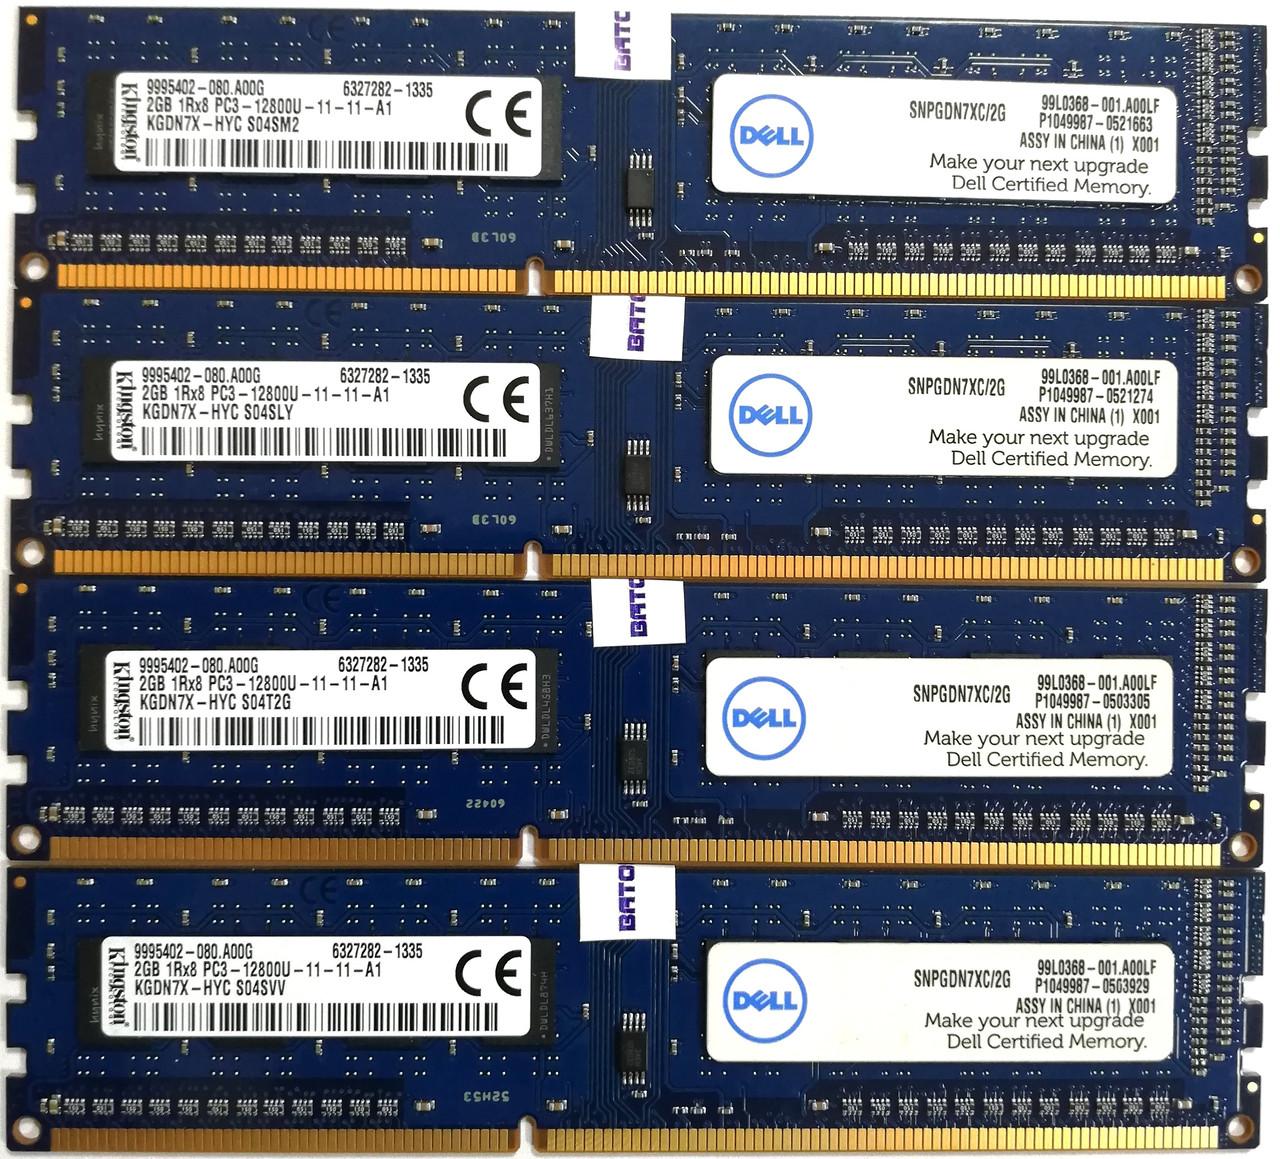 Комплект оперативной памяти Kingston DDR3 8Gb (4*2Gb) 1600MHz PC3 12800U 1R8 CL11 (KGDN7X-HYC) Б/У